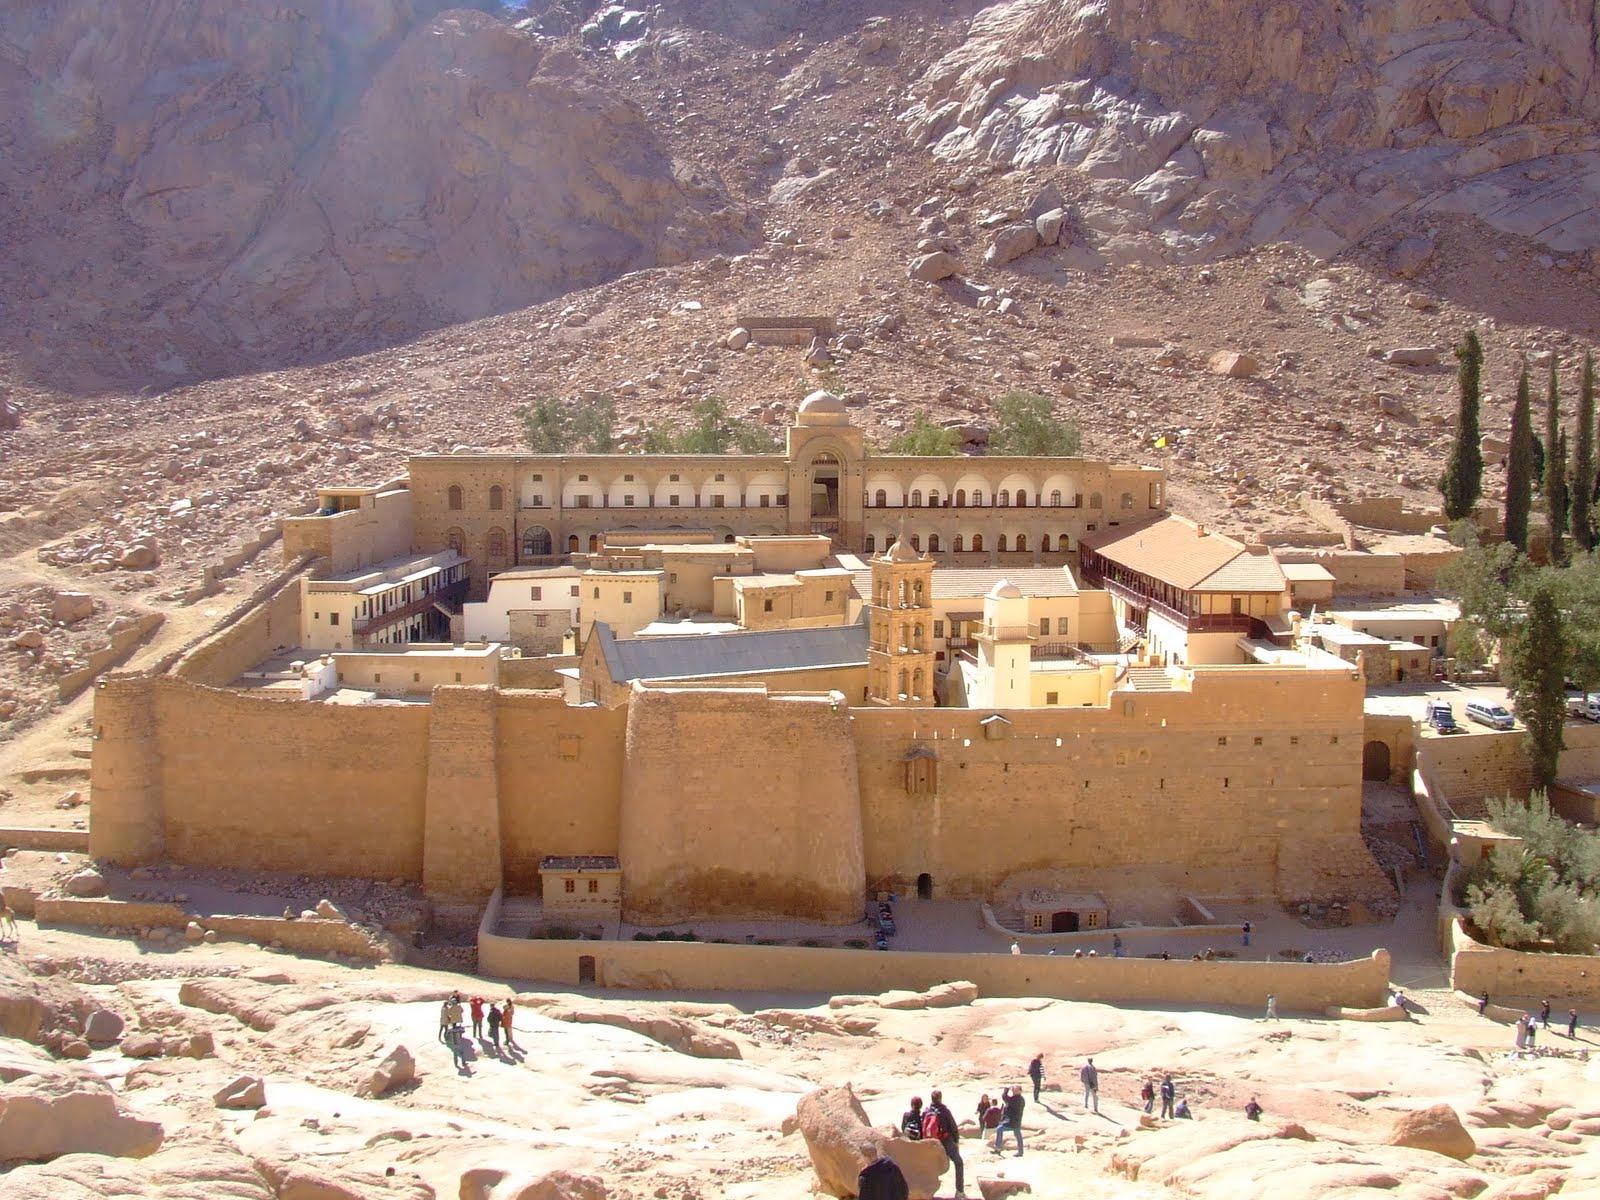 La civiltà cristiana in Medioriente: le bellissime chiese simbolo di libertà di culto